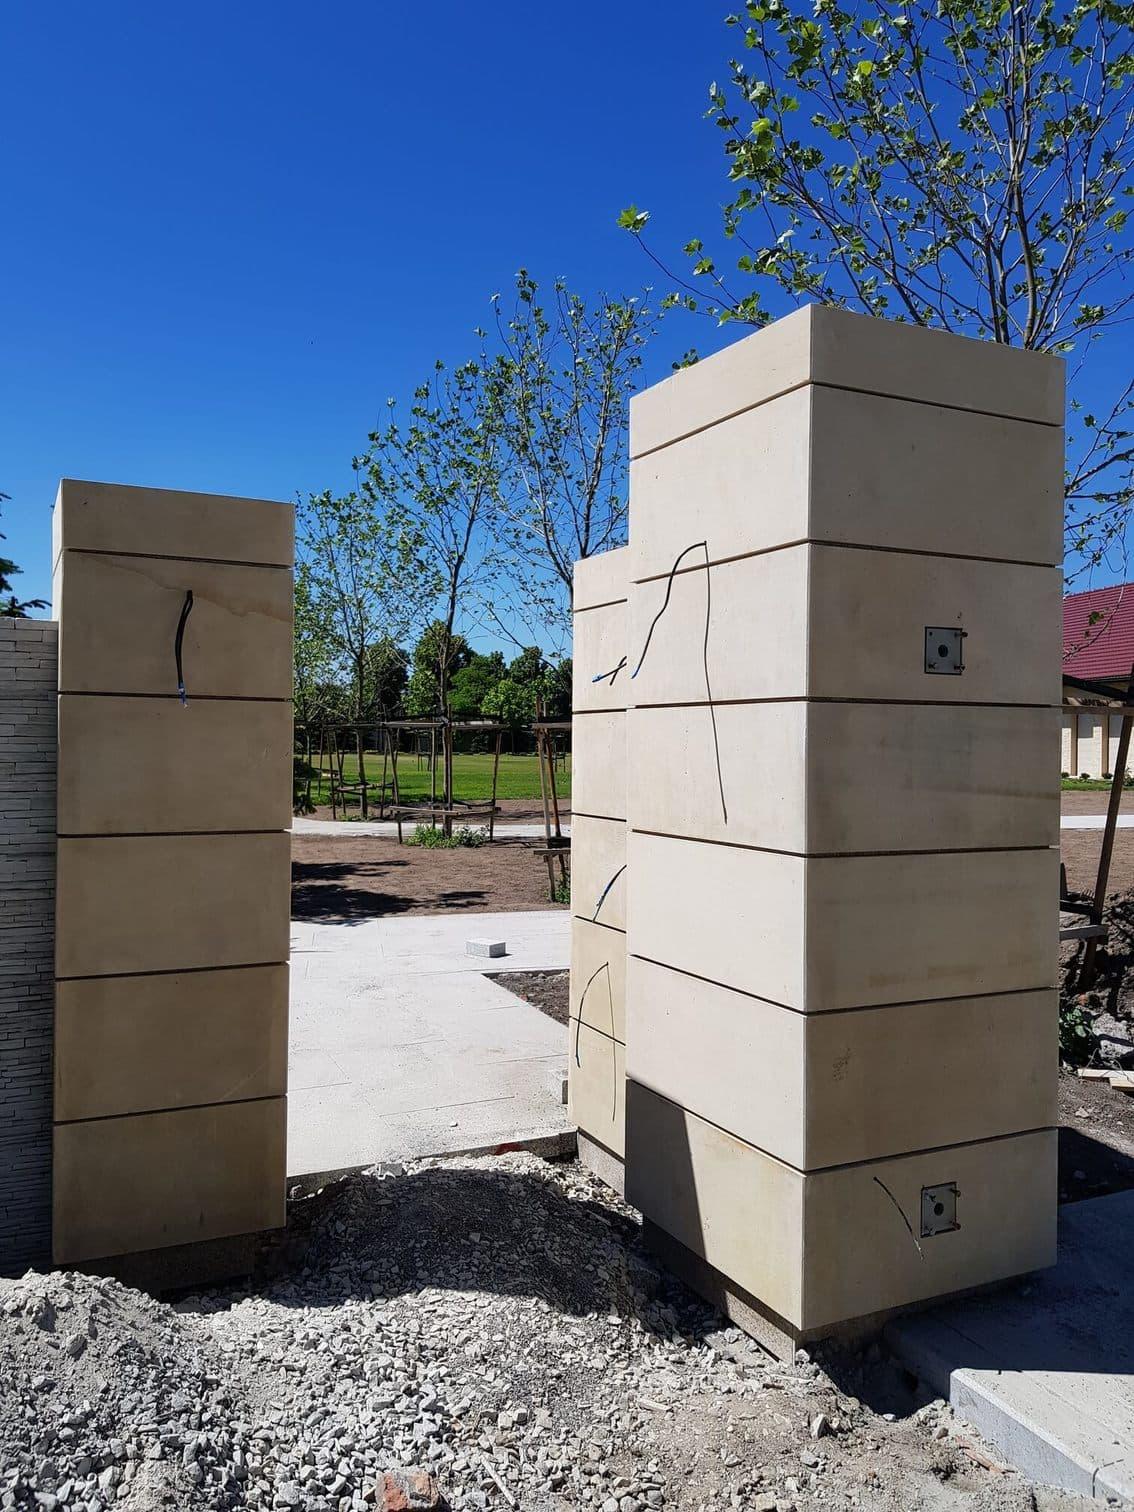 Ogrodzenia kamienne z płyty piaskowca